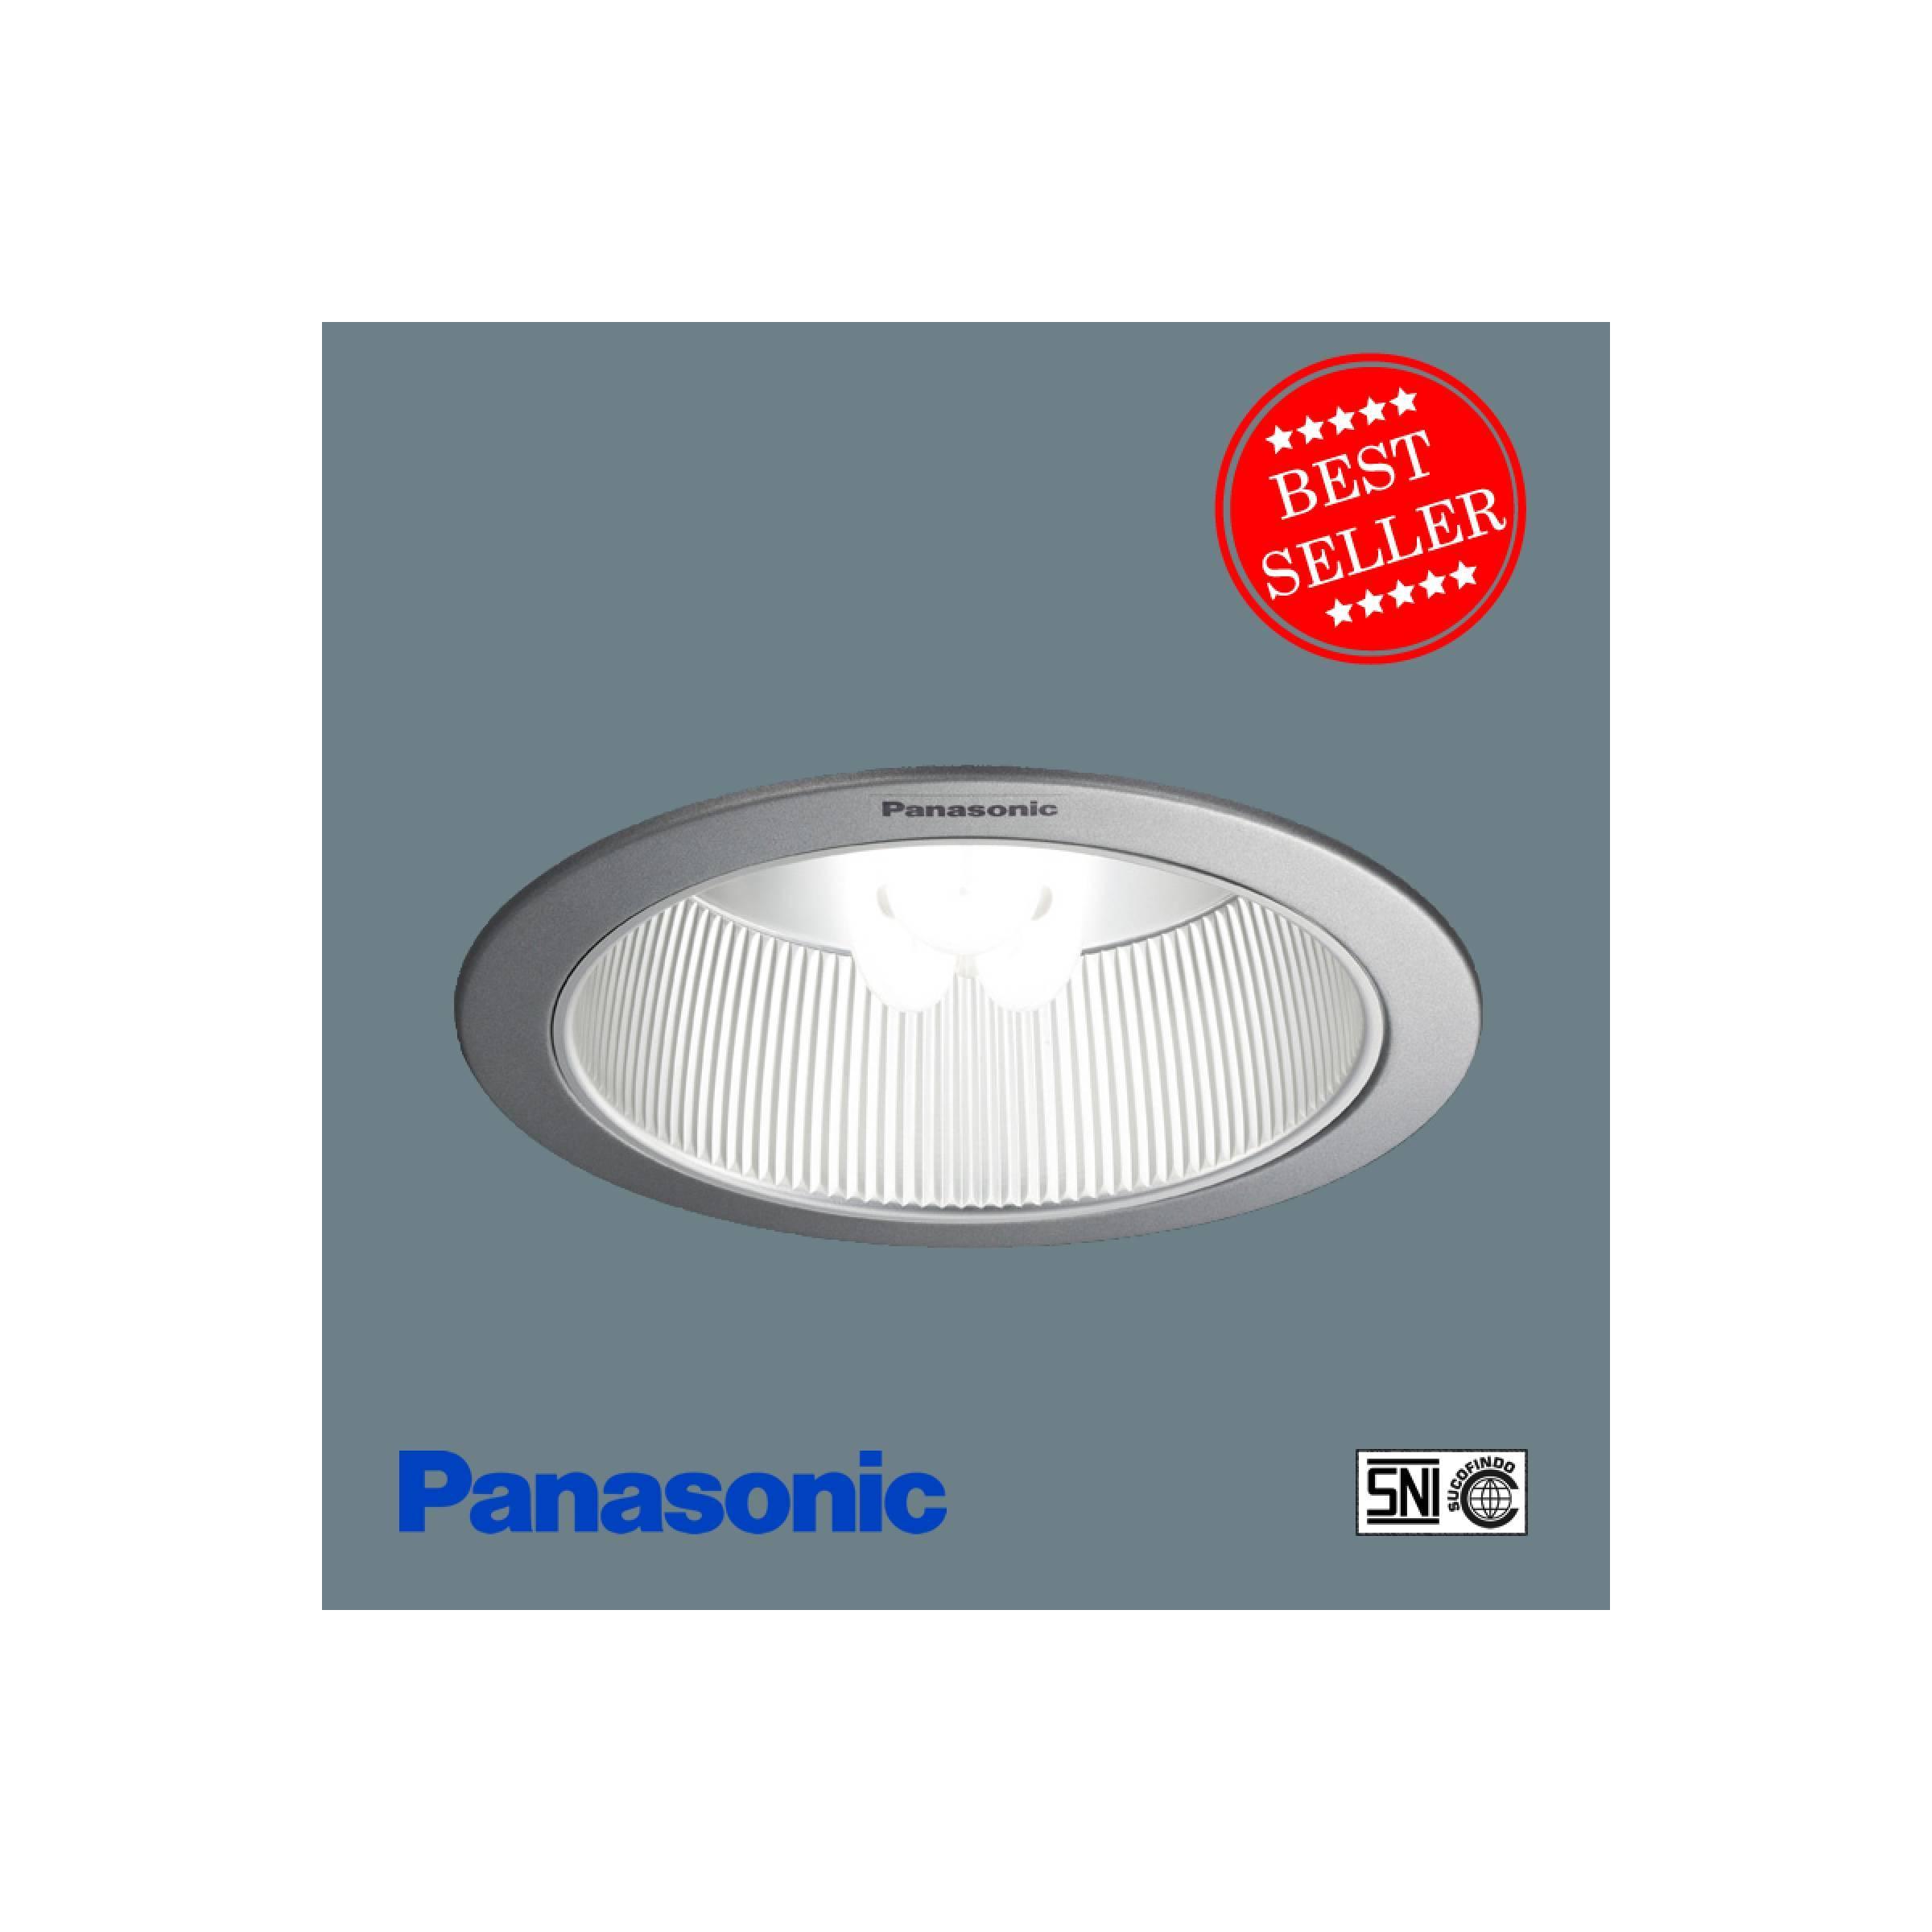 PANASONIC DOWNLIGHT N125 NLP72353